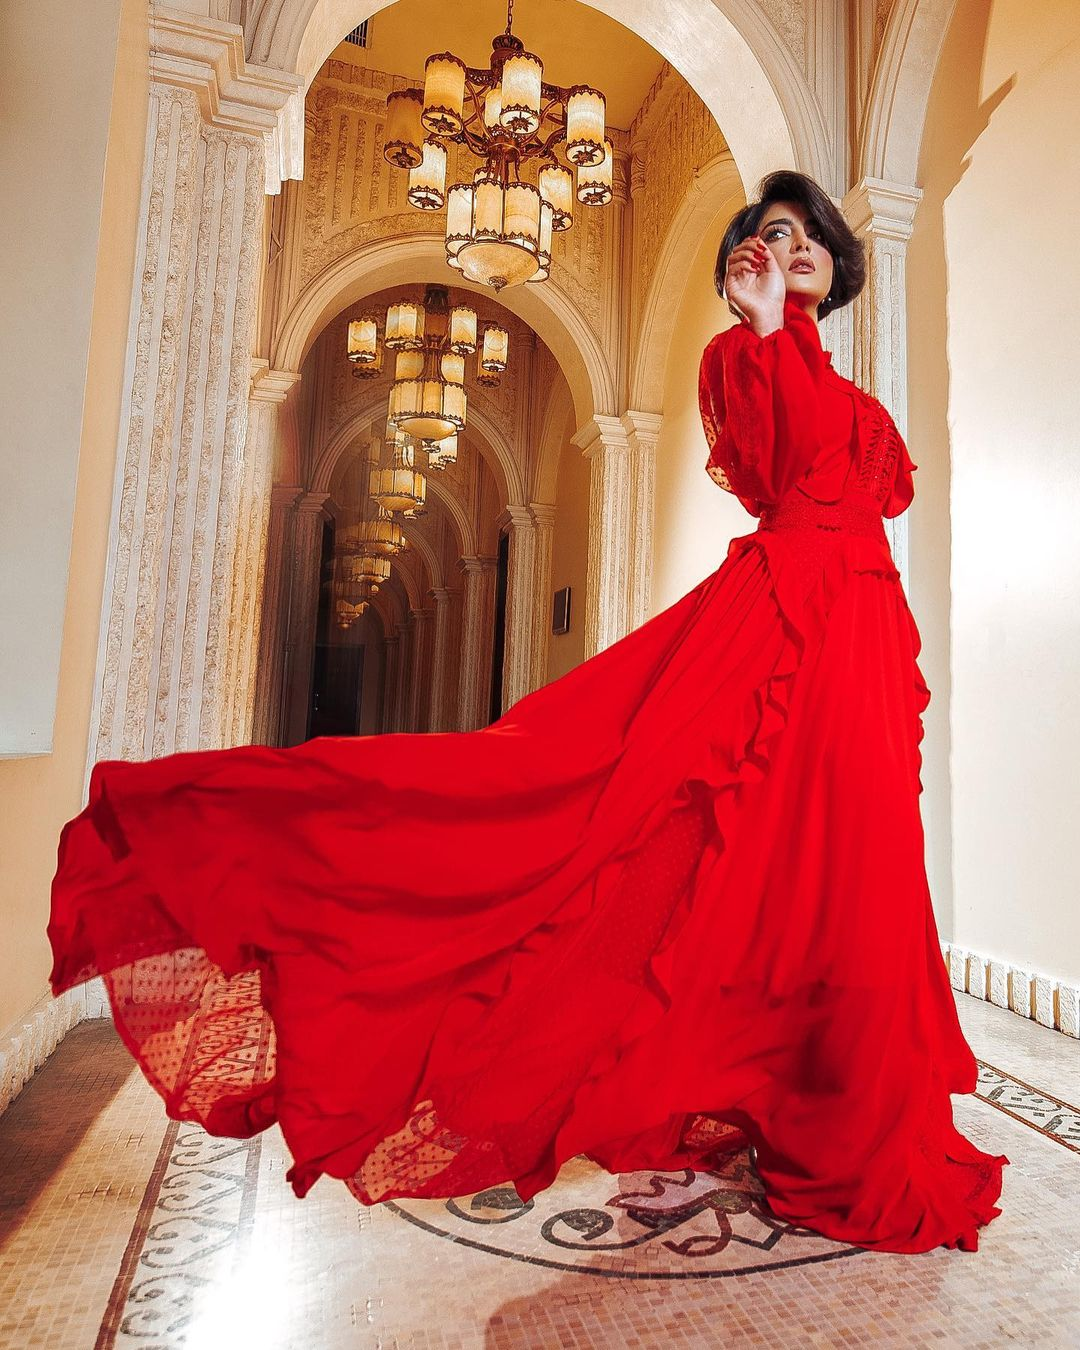 الفستان الكامل بأكمام طويلة يسهل عليك تنسيق إطلالة ساحرة من حساب بثينة الرئيسي